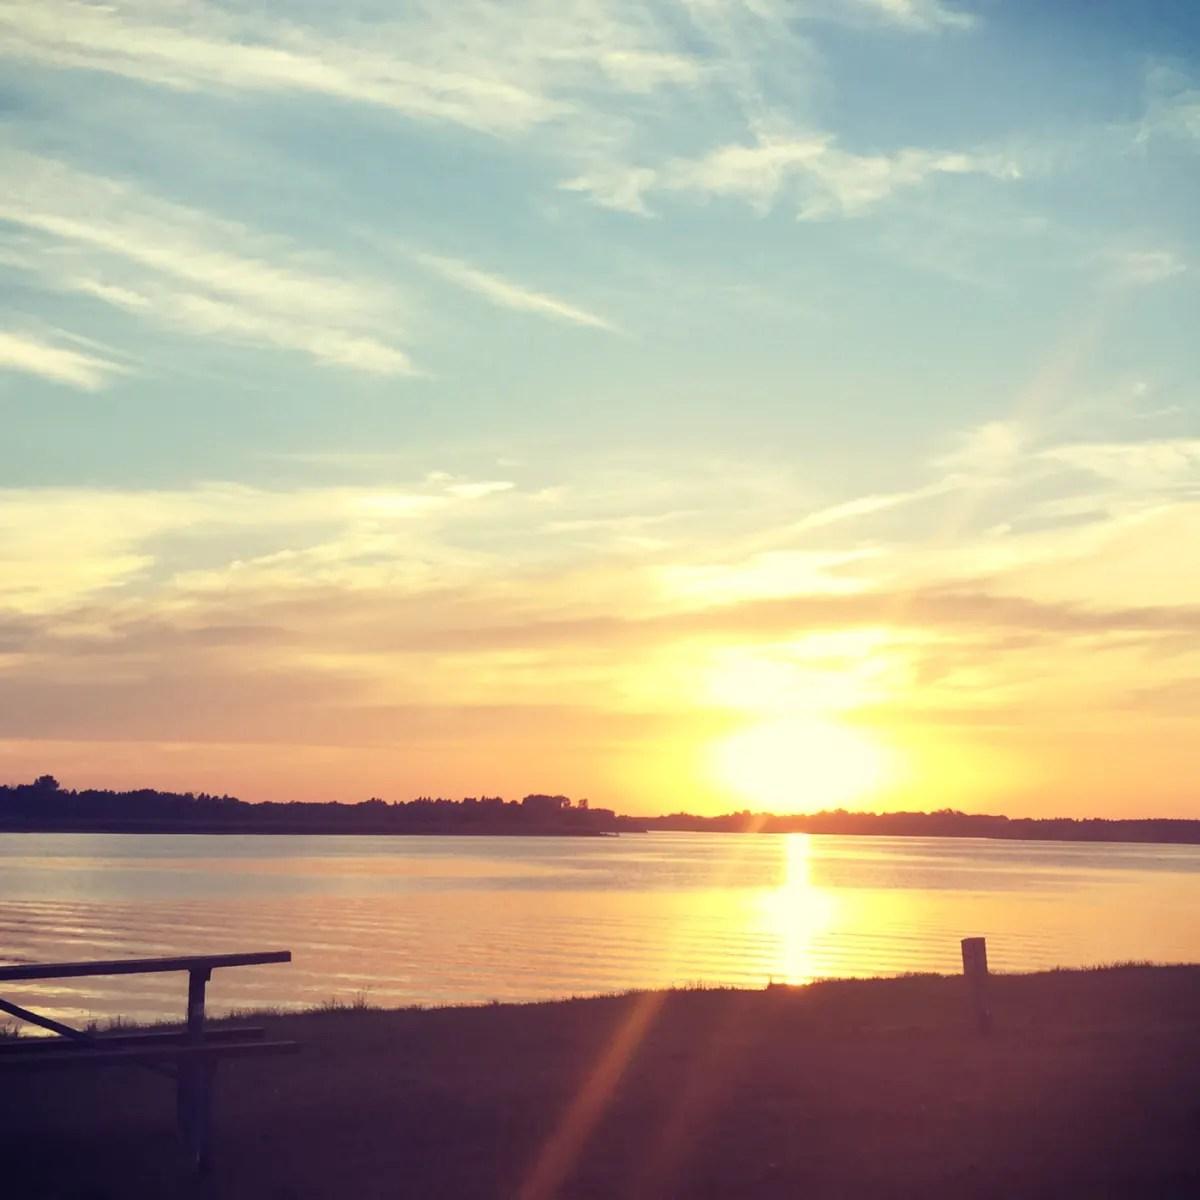 Lake Sakakawea Fishing Report